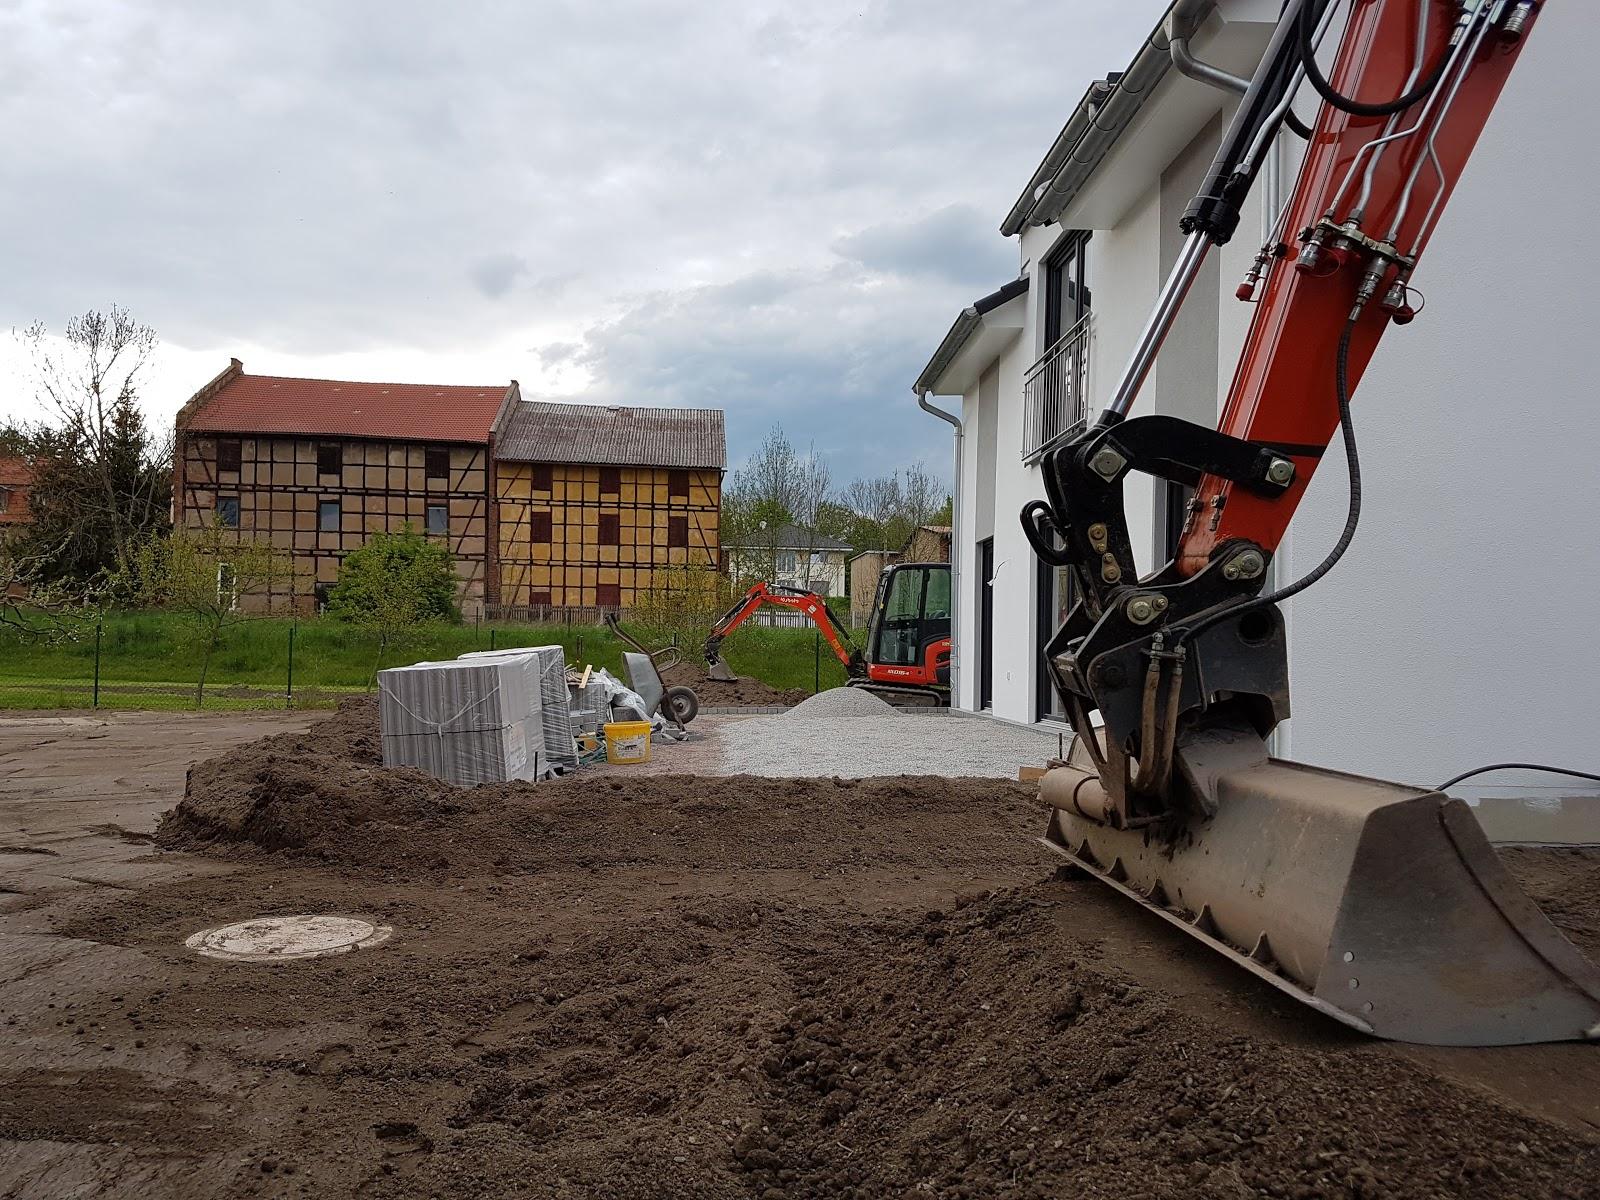 unsere erlebnisse beim hausbau: außenanlagen teil 3